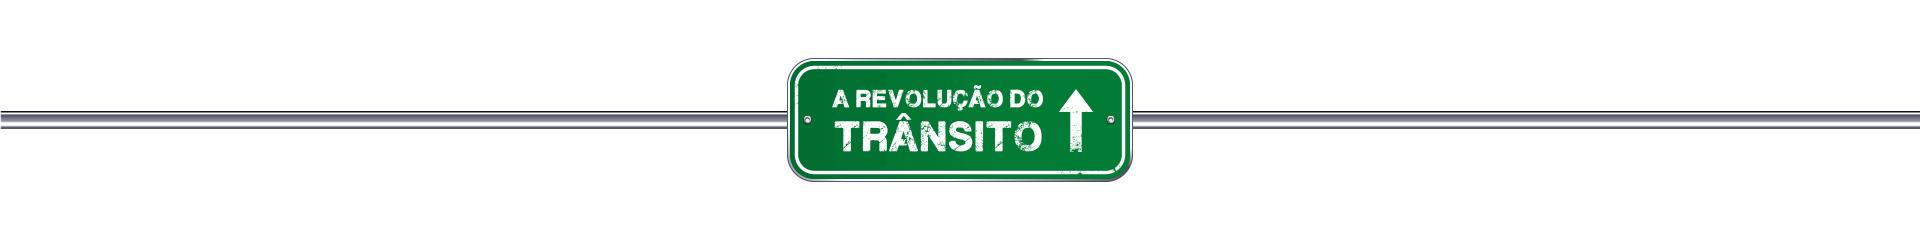 Logo A Revolução do Trânsito